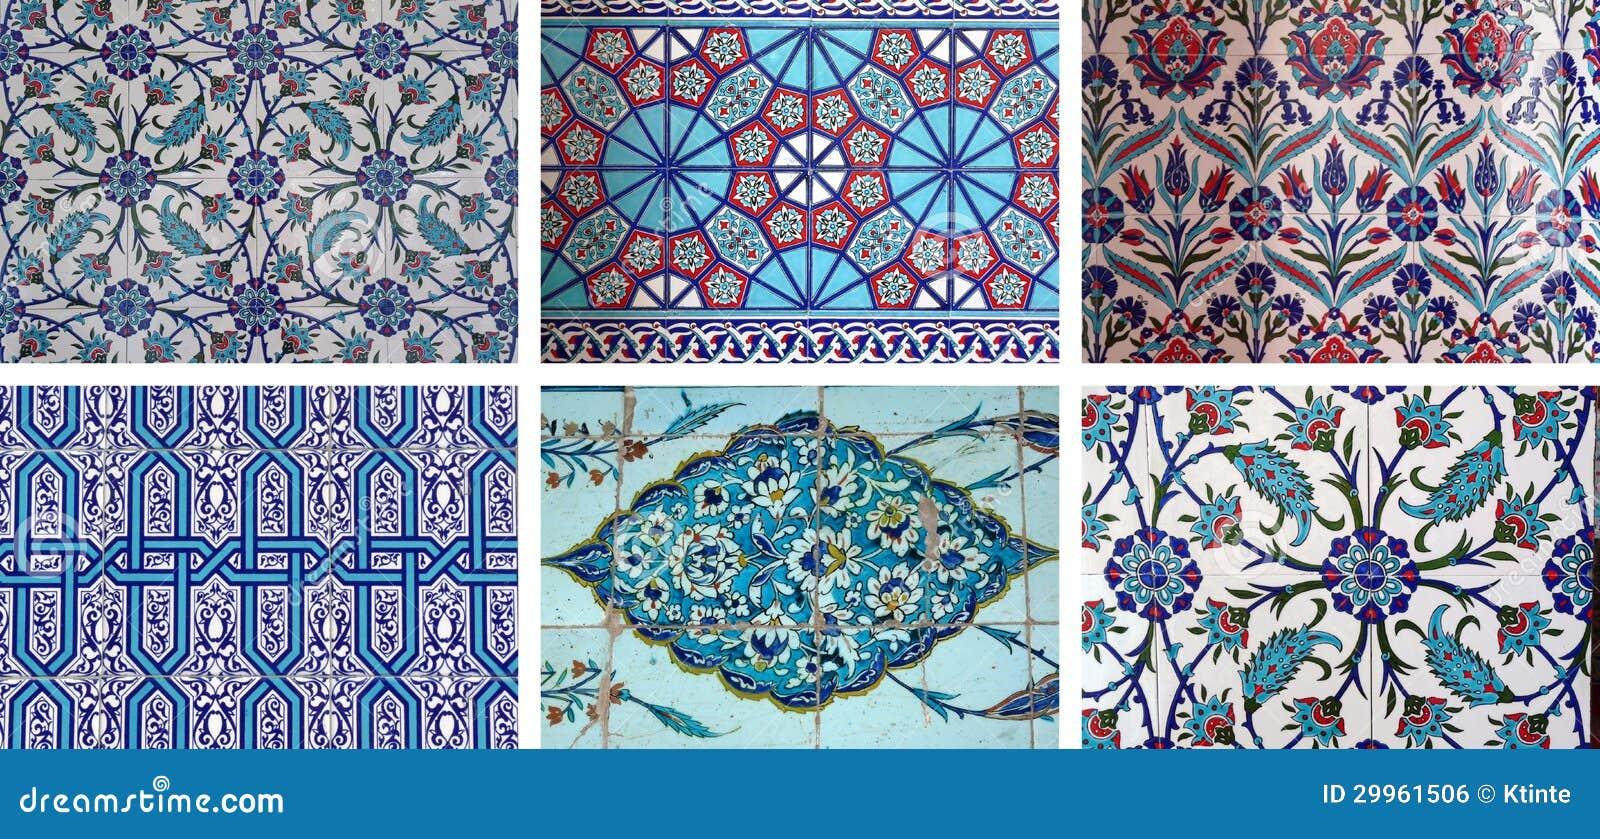 Orientalische fliesen lizenzfreies stockbild bild 29961506 - Fliesen orientalisch ...